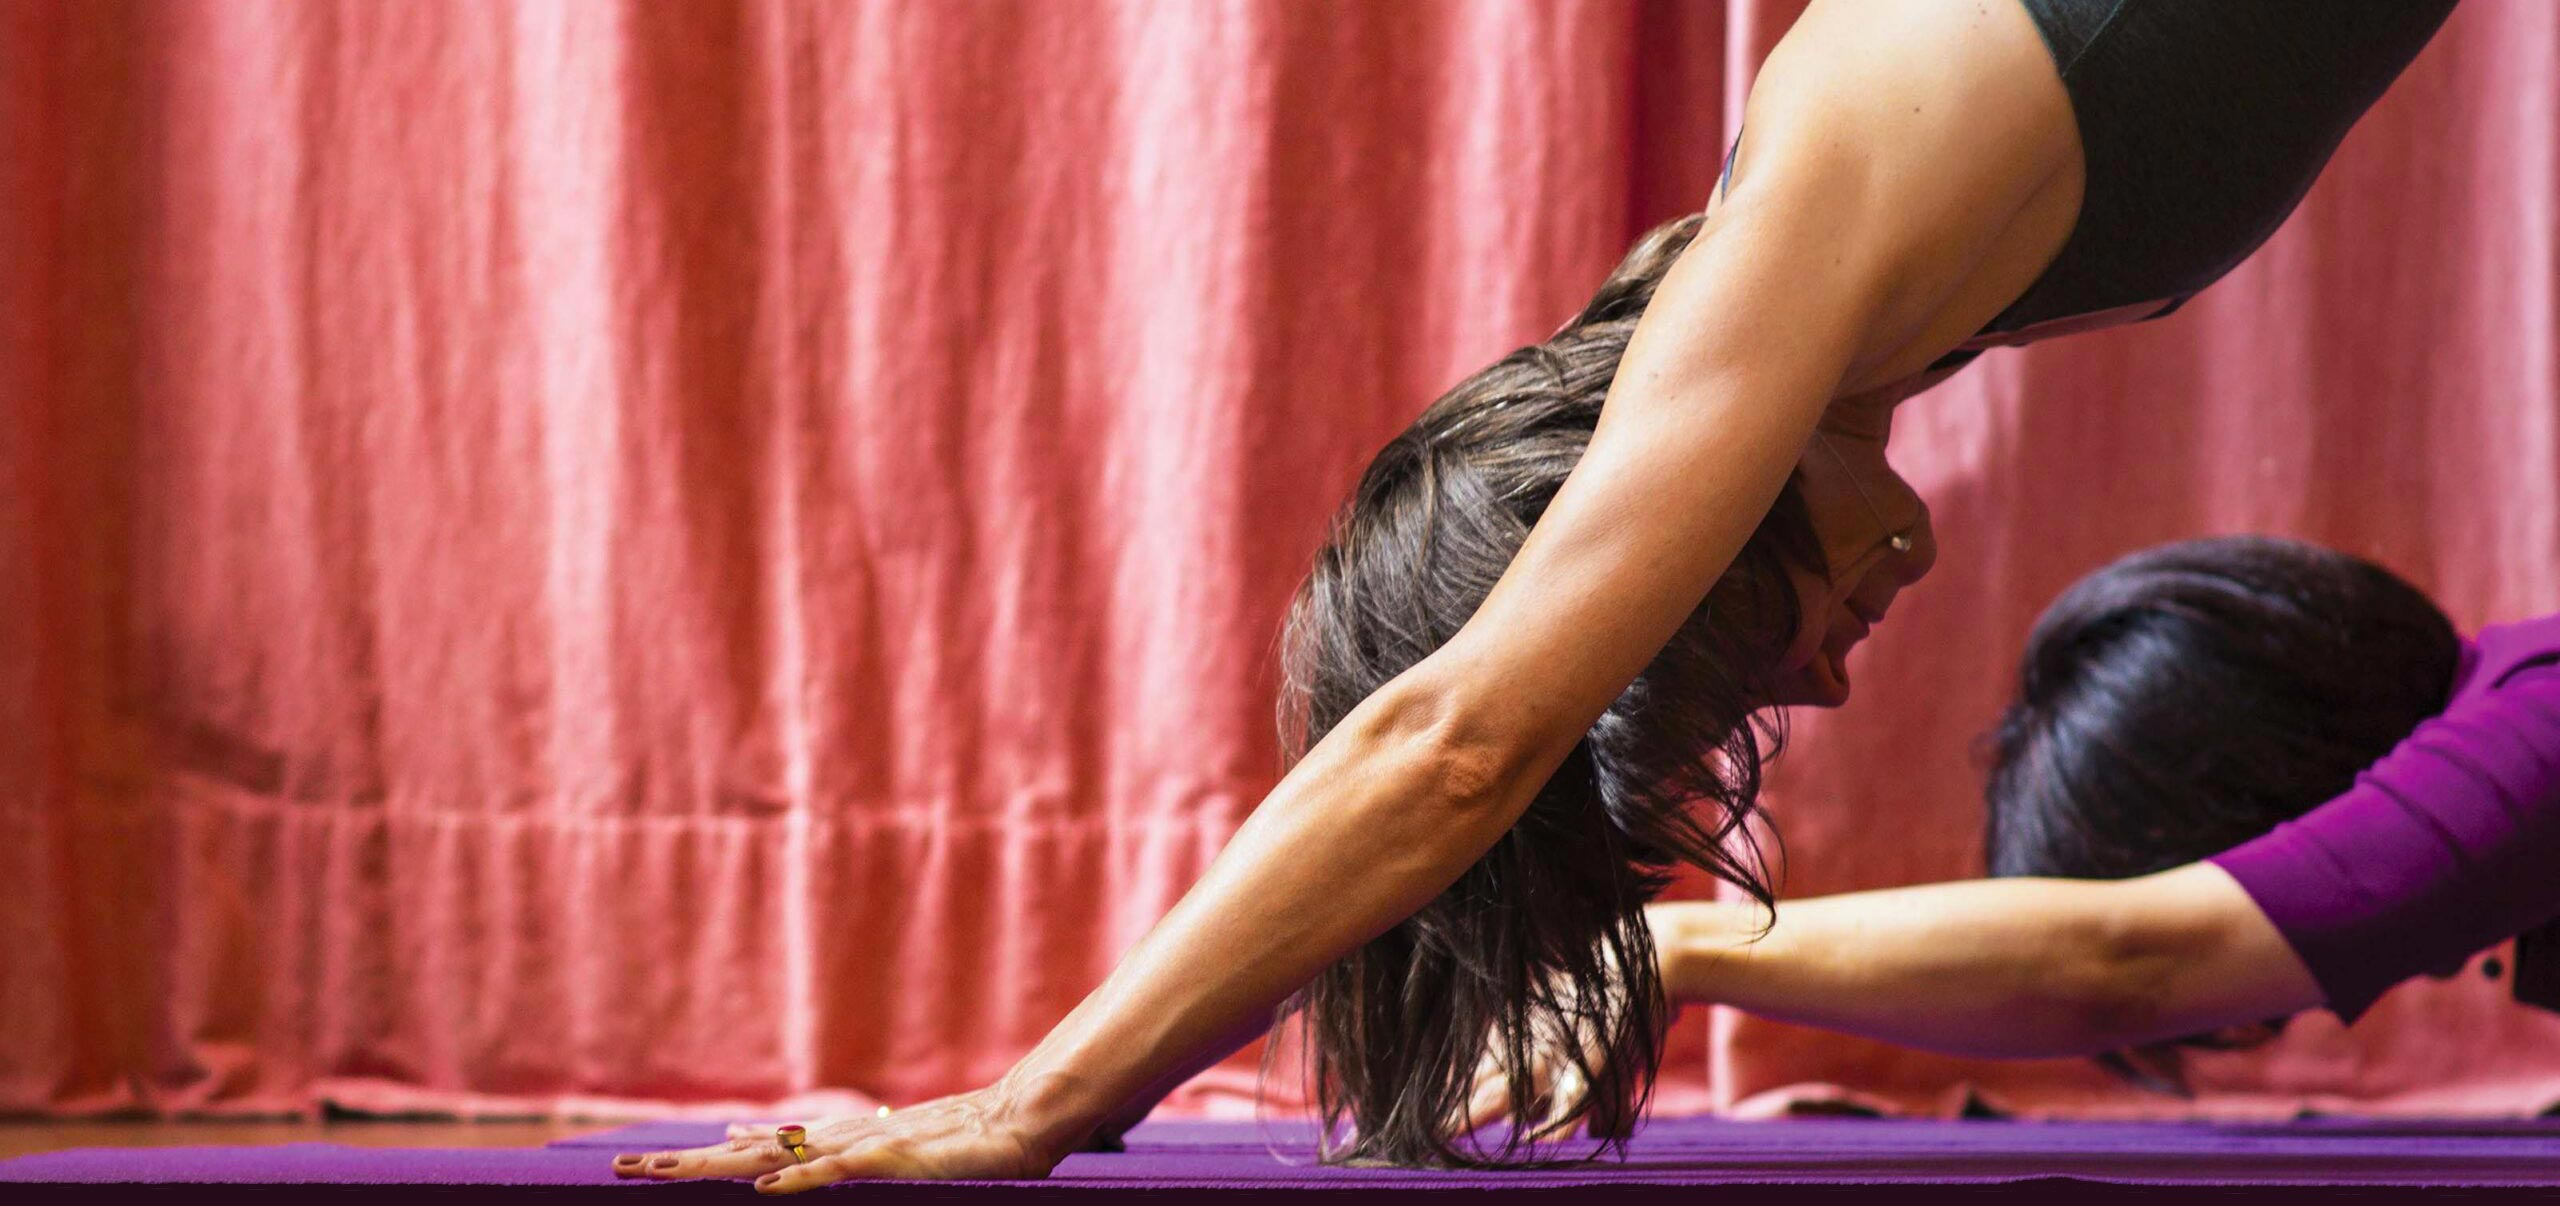 Lo spirito essenziale di The Yoga Place continua come Mindful Movement